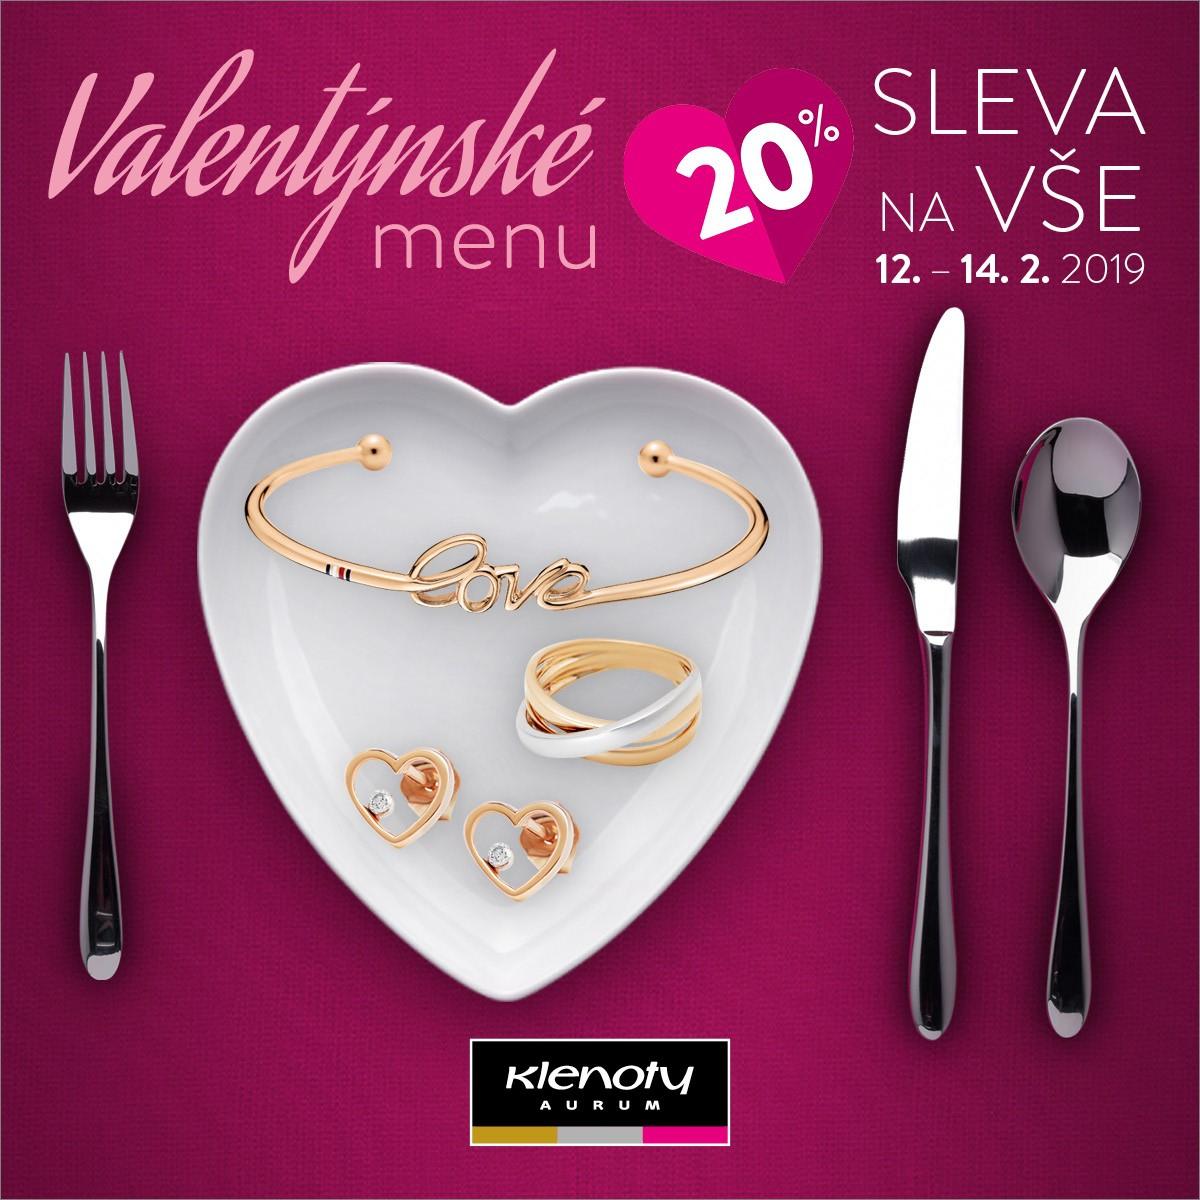 Galerie Prerov Valentynske Menu V Klenoty Aurum